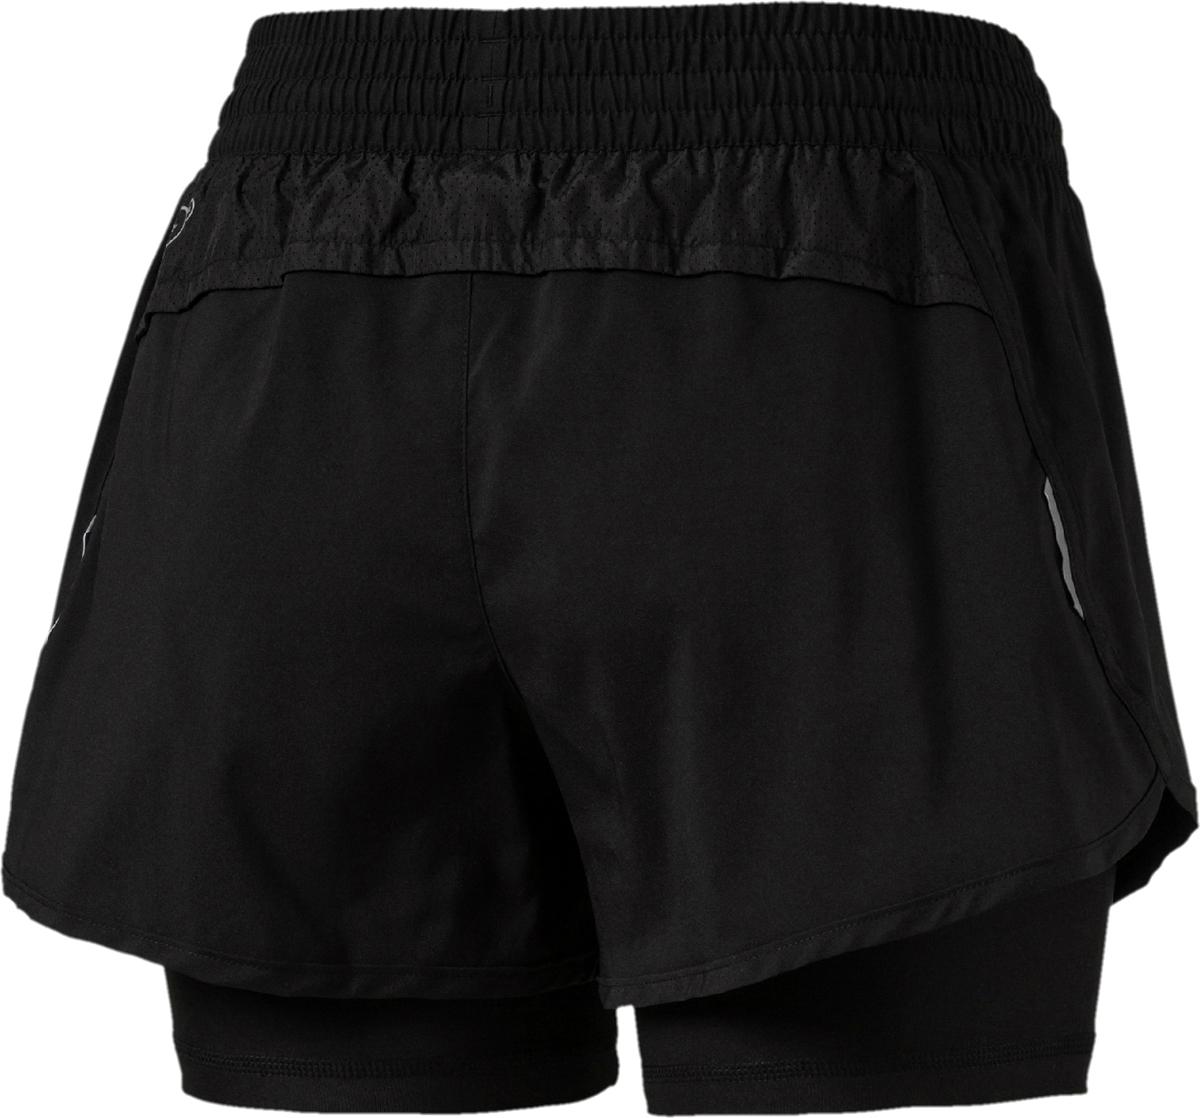 Спортивные женские шорты Core-Run 2n1от Puma отлично подходят для занятий фитнесом. Модель выполнена по технологии dryCELL, которая гарантирует ощущение сухости и комфорта на протяжении всей тренировки. Светоотражающий логотип и светоотражающие детали предназначены для лучшей видимости в темное время суток.